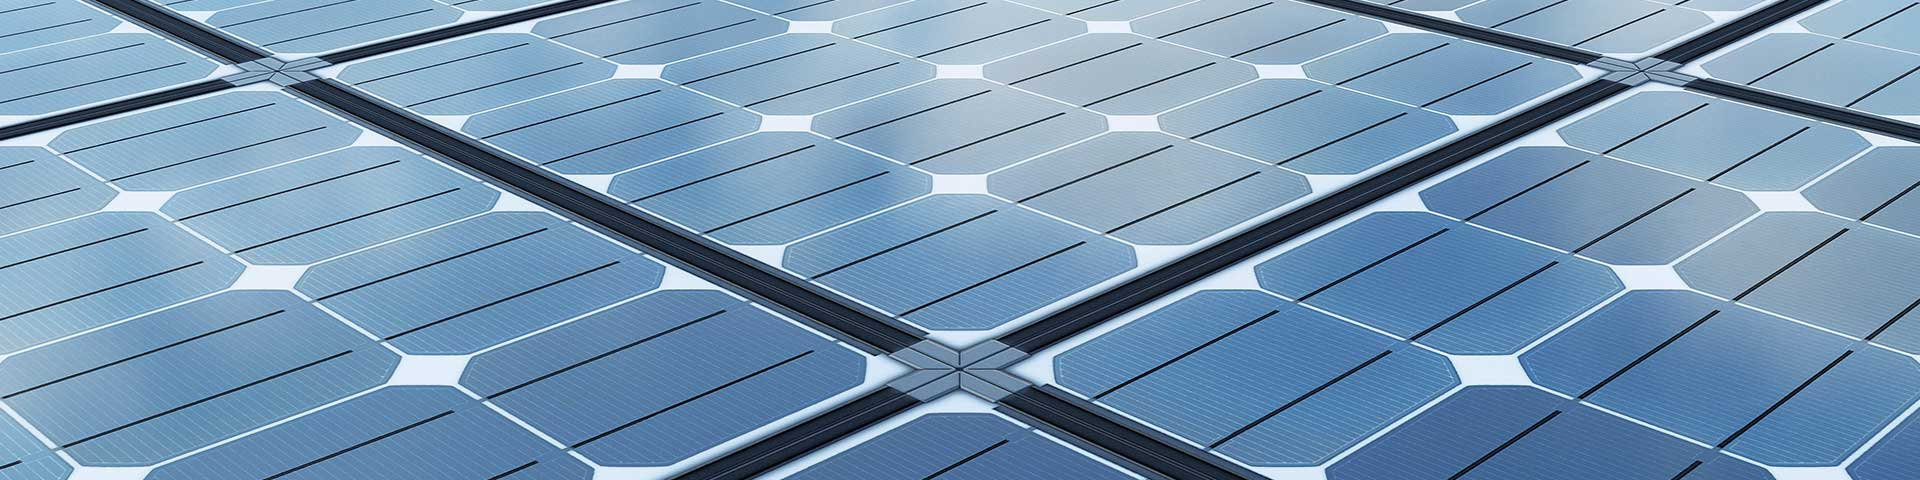 panele słoneczne w dużym zbliżeniu